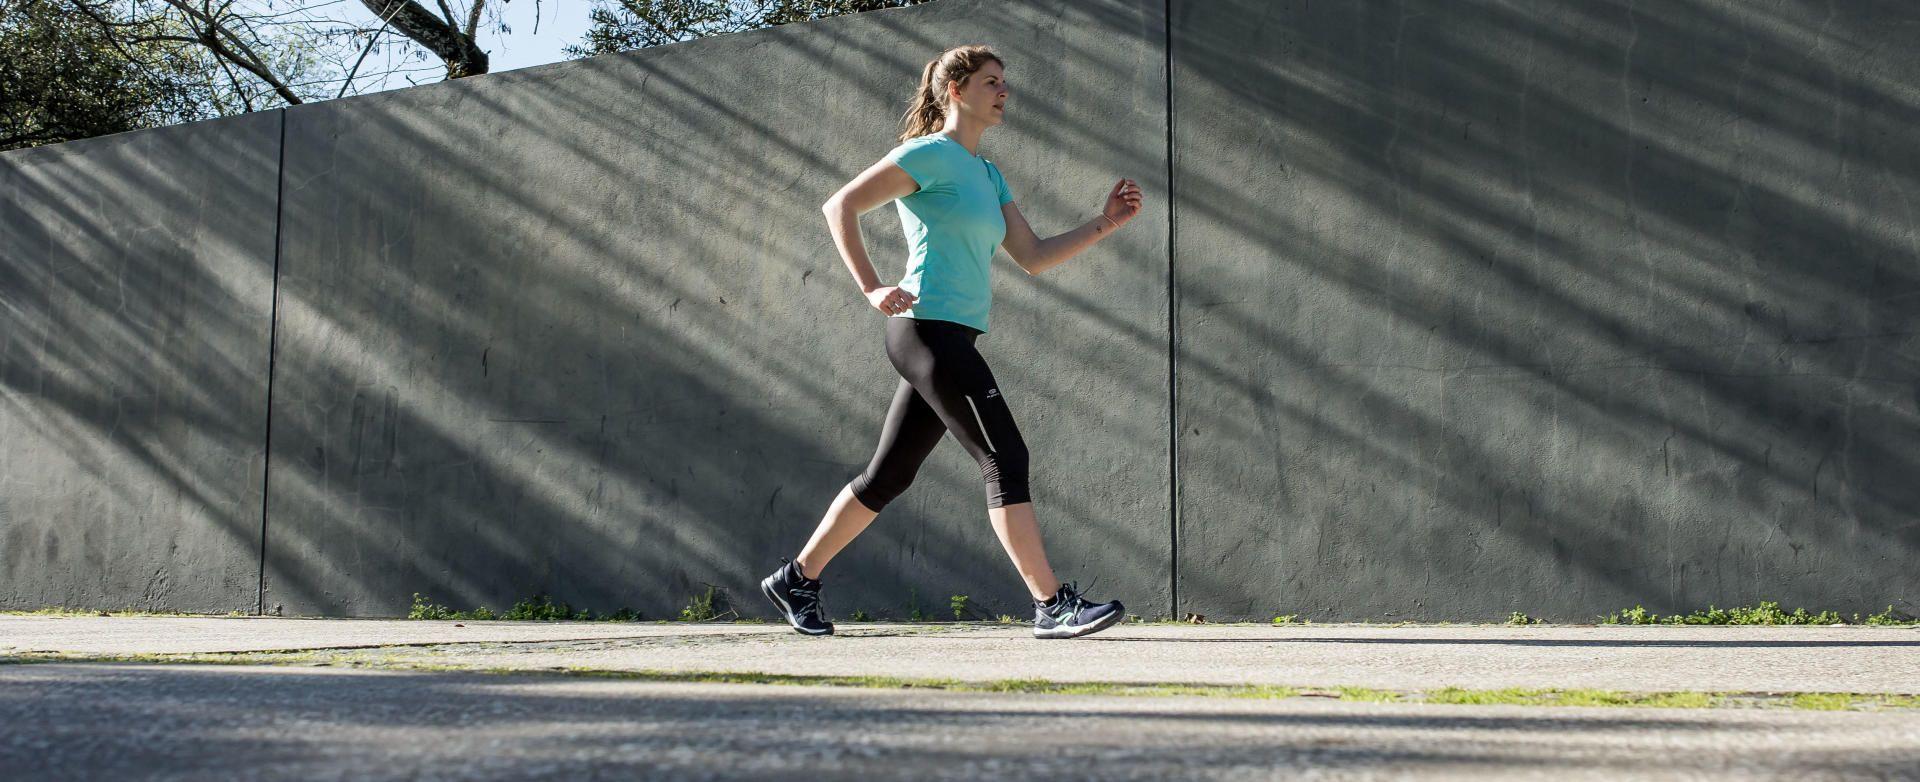 gagner-endurance-perdre-du-poids | Perdre du poids, Marche